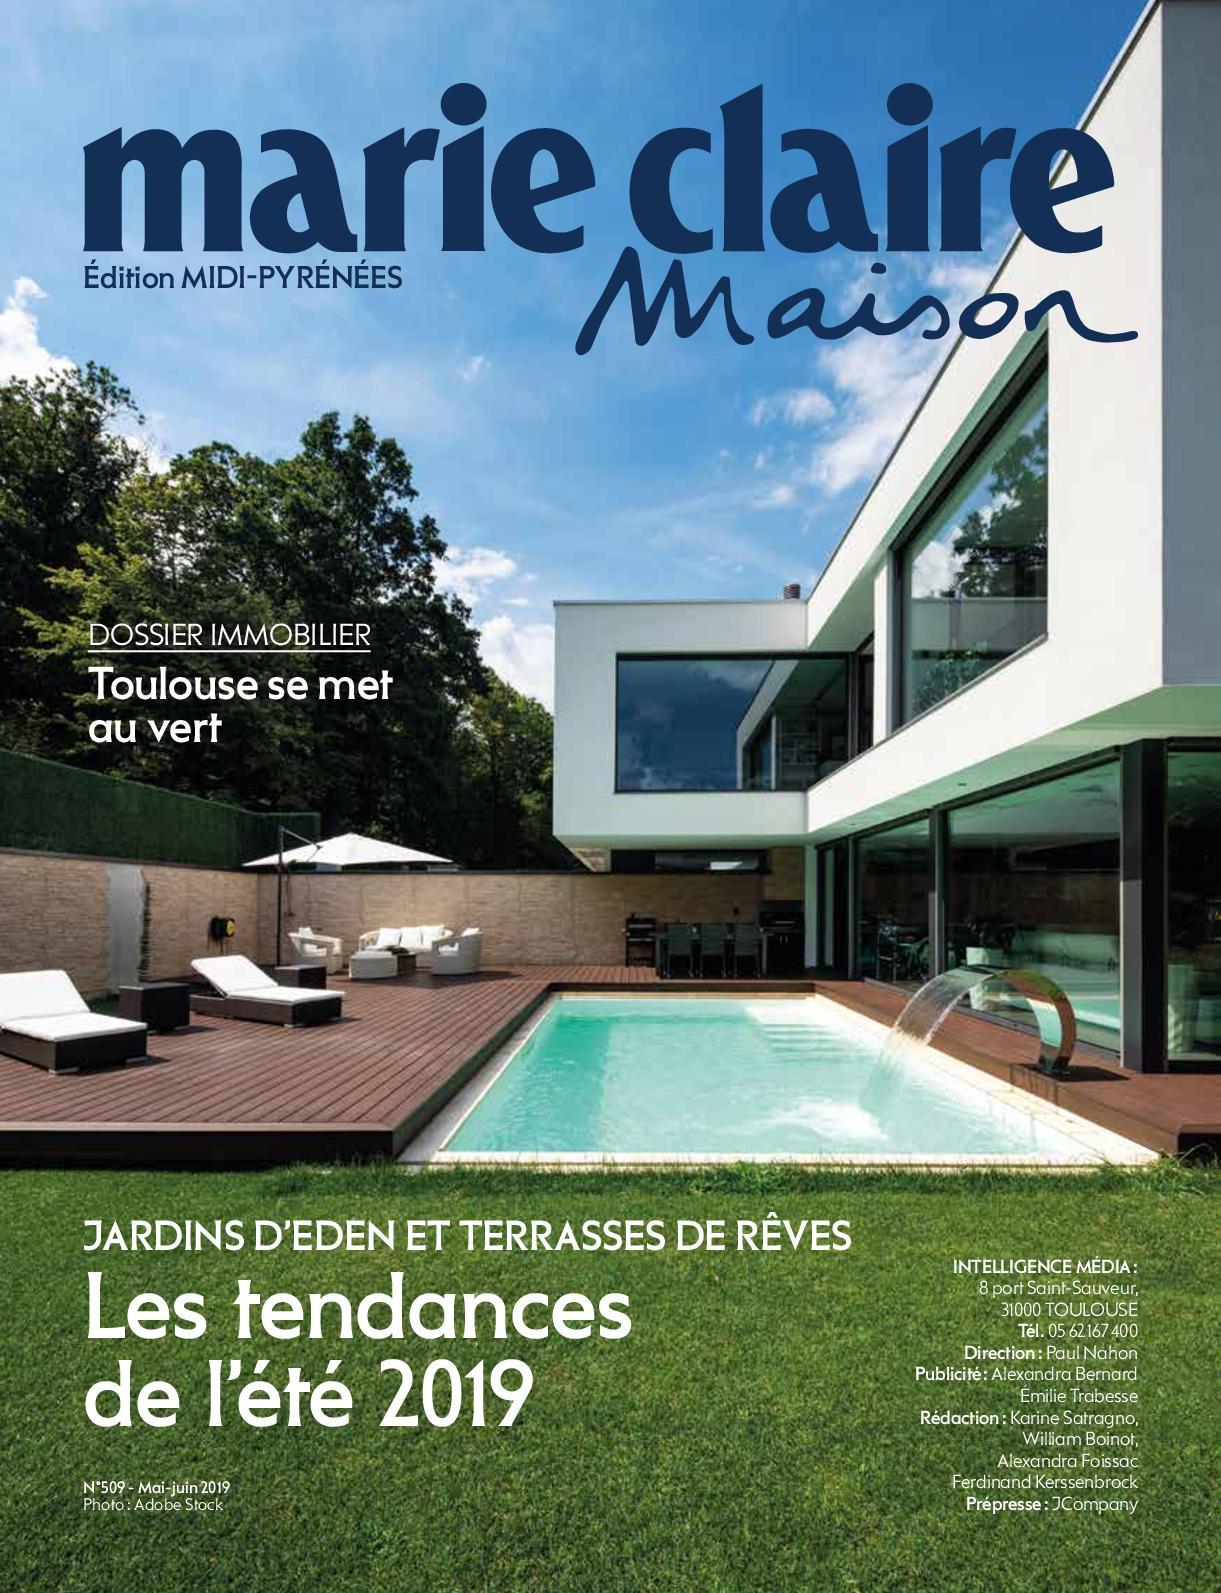 Marie Claire Maison Jardin Recup calaméo - marie claire maison n°509 - mai/juin 2019